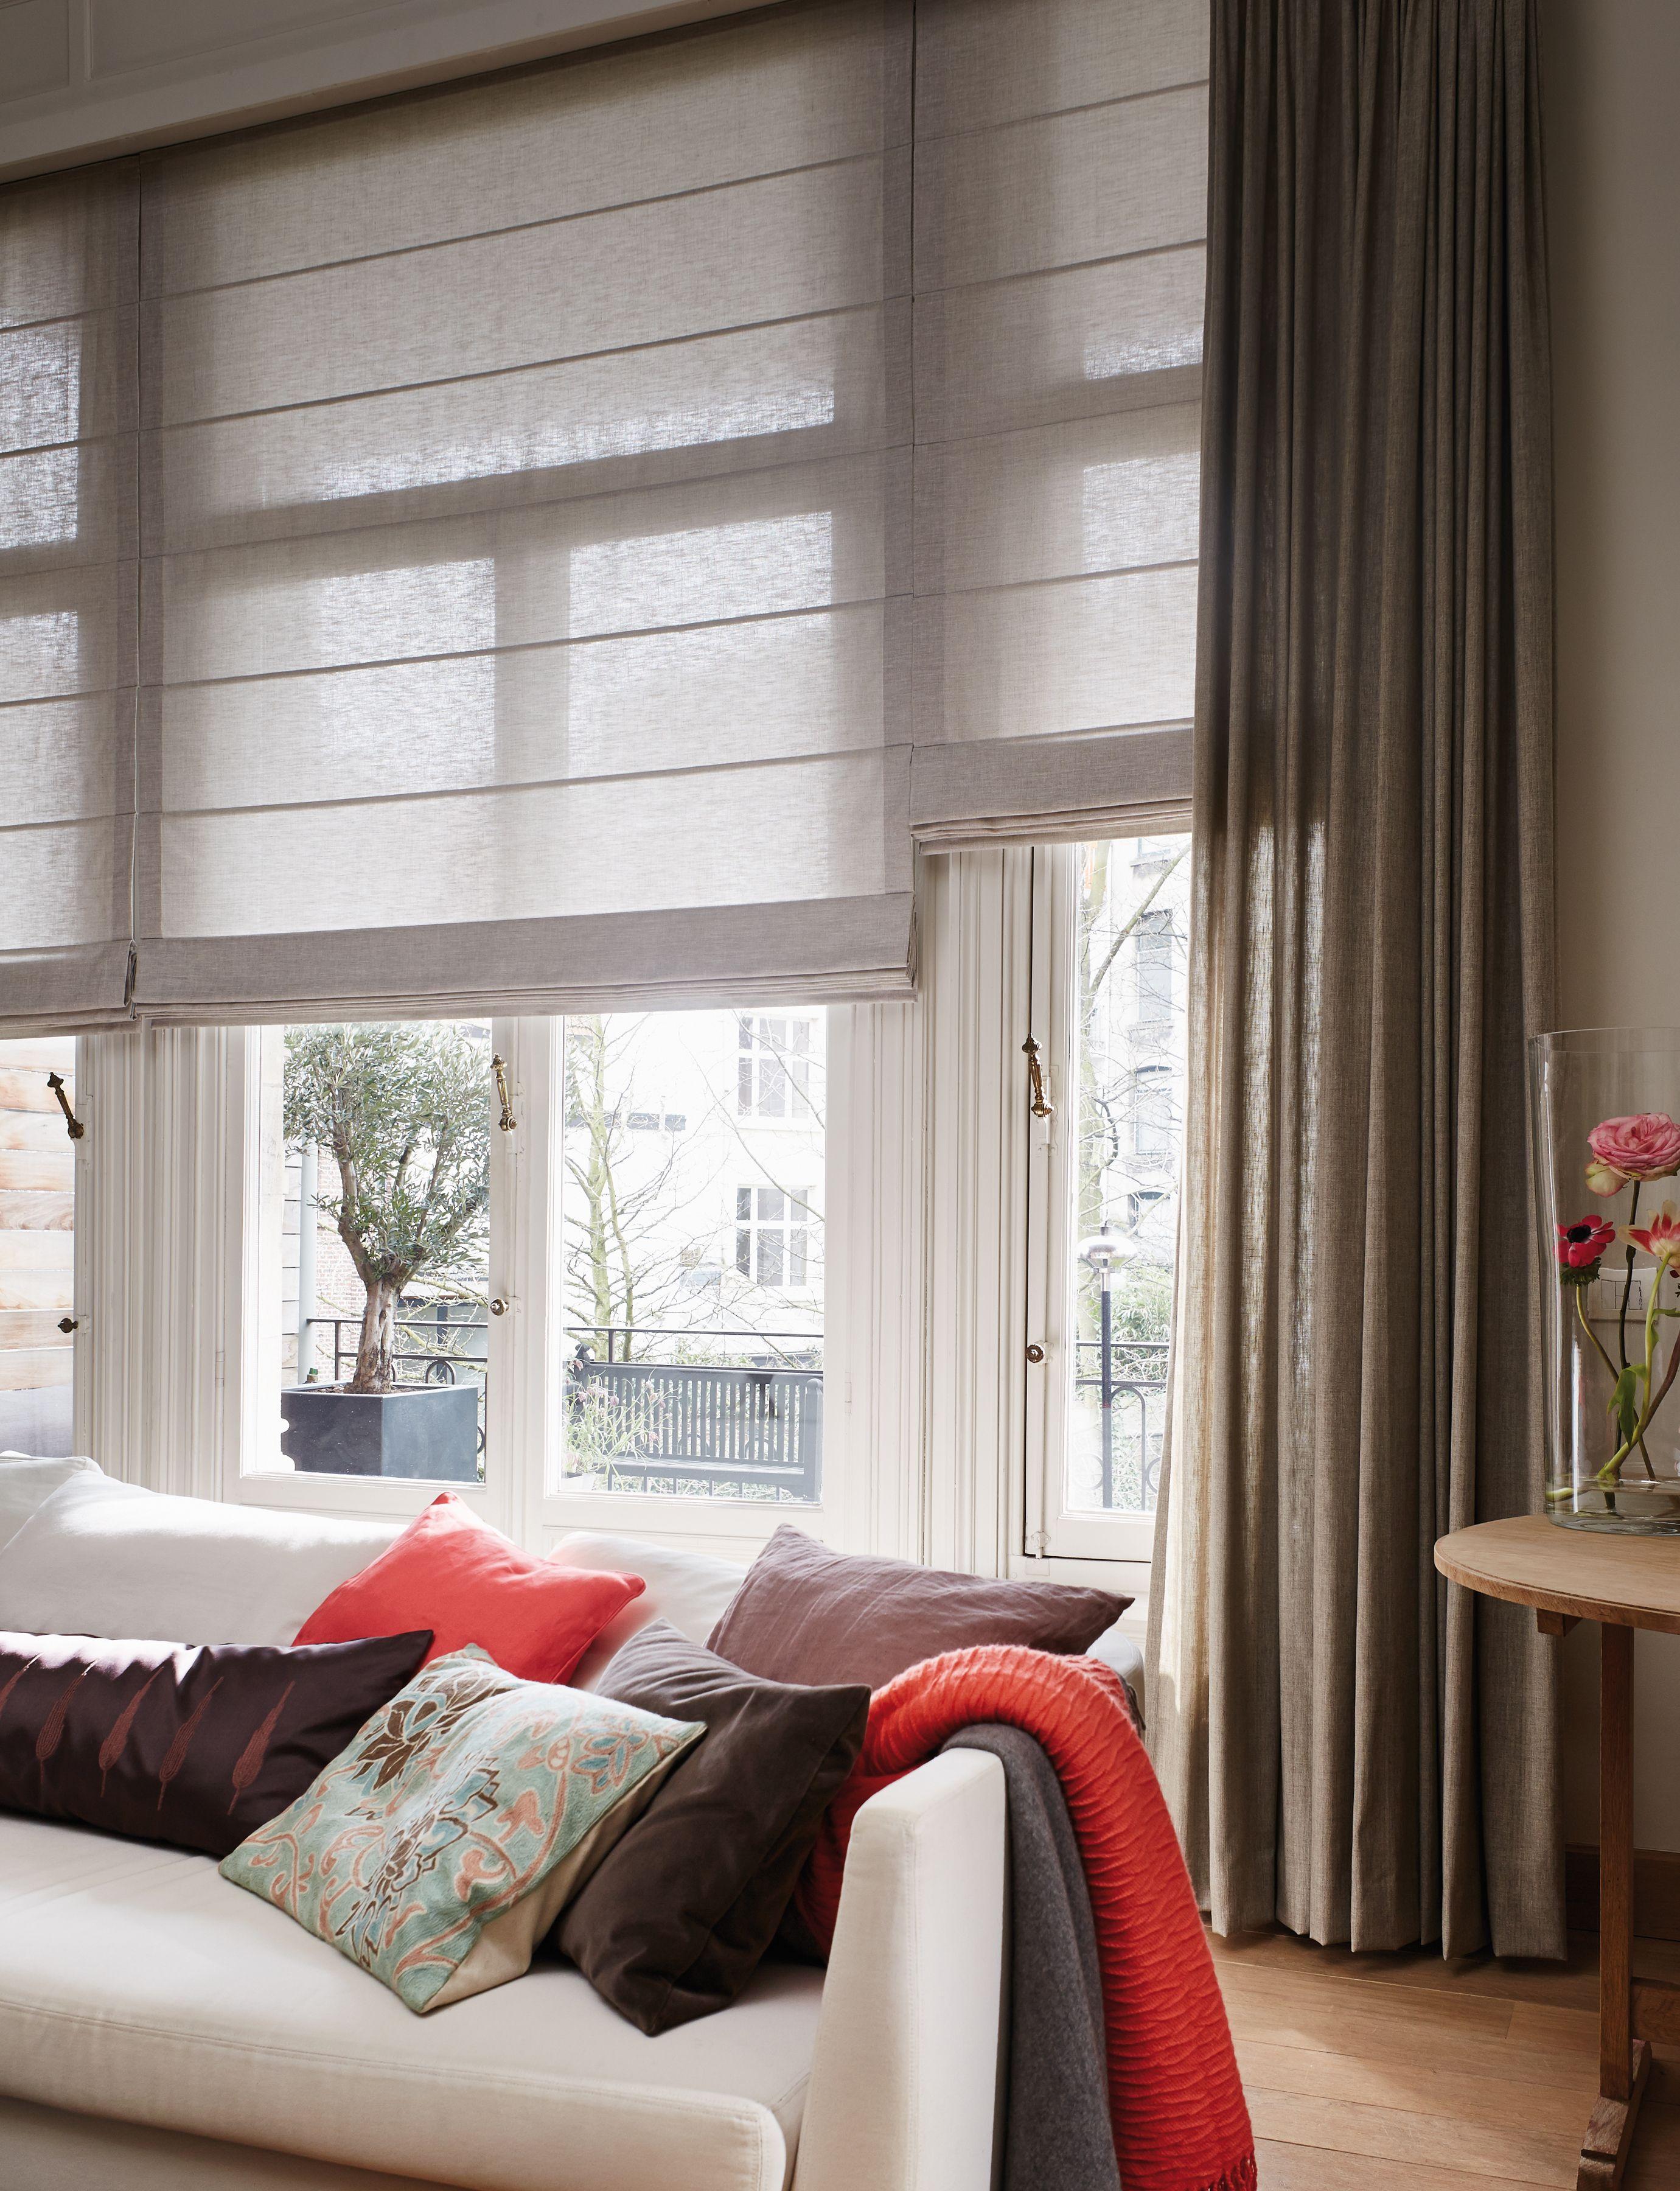 oude ramen gordijnen - Google zoeken | Текстиль в интерьере ...